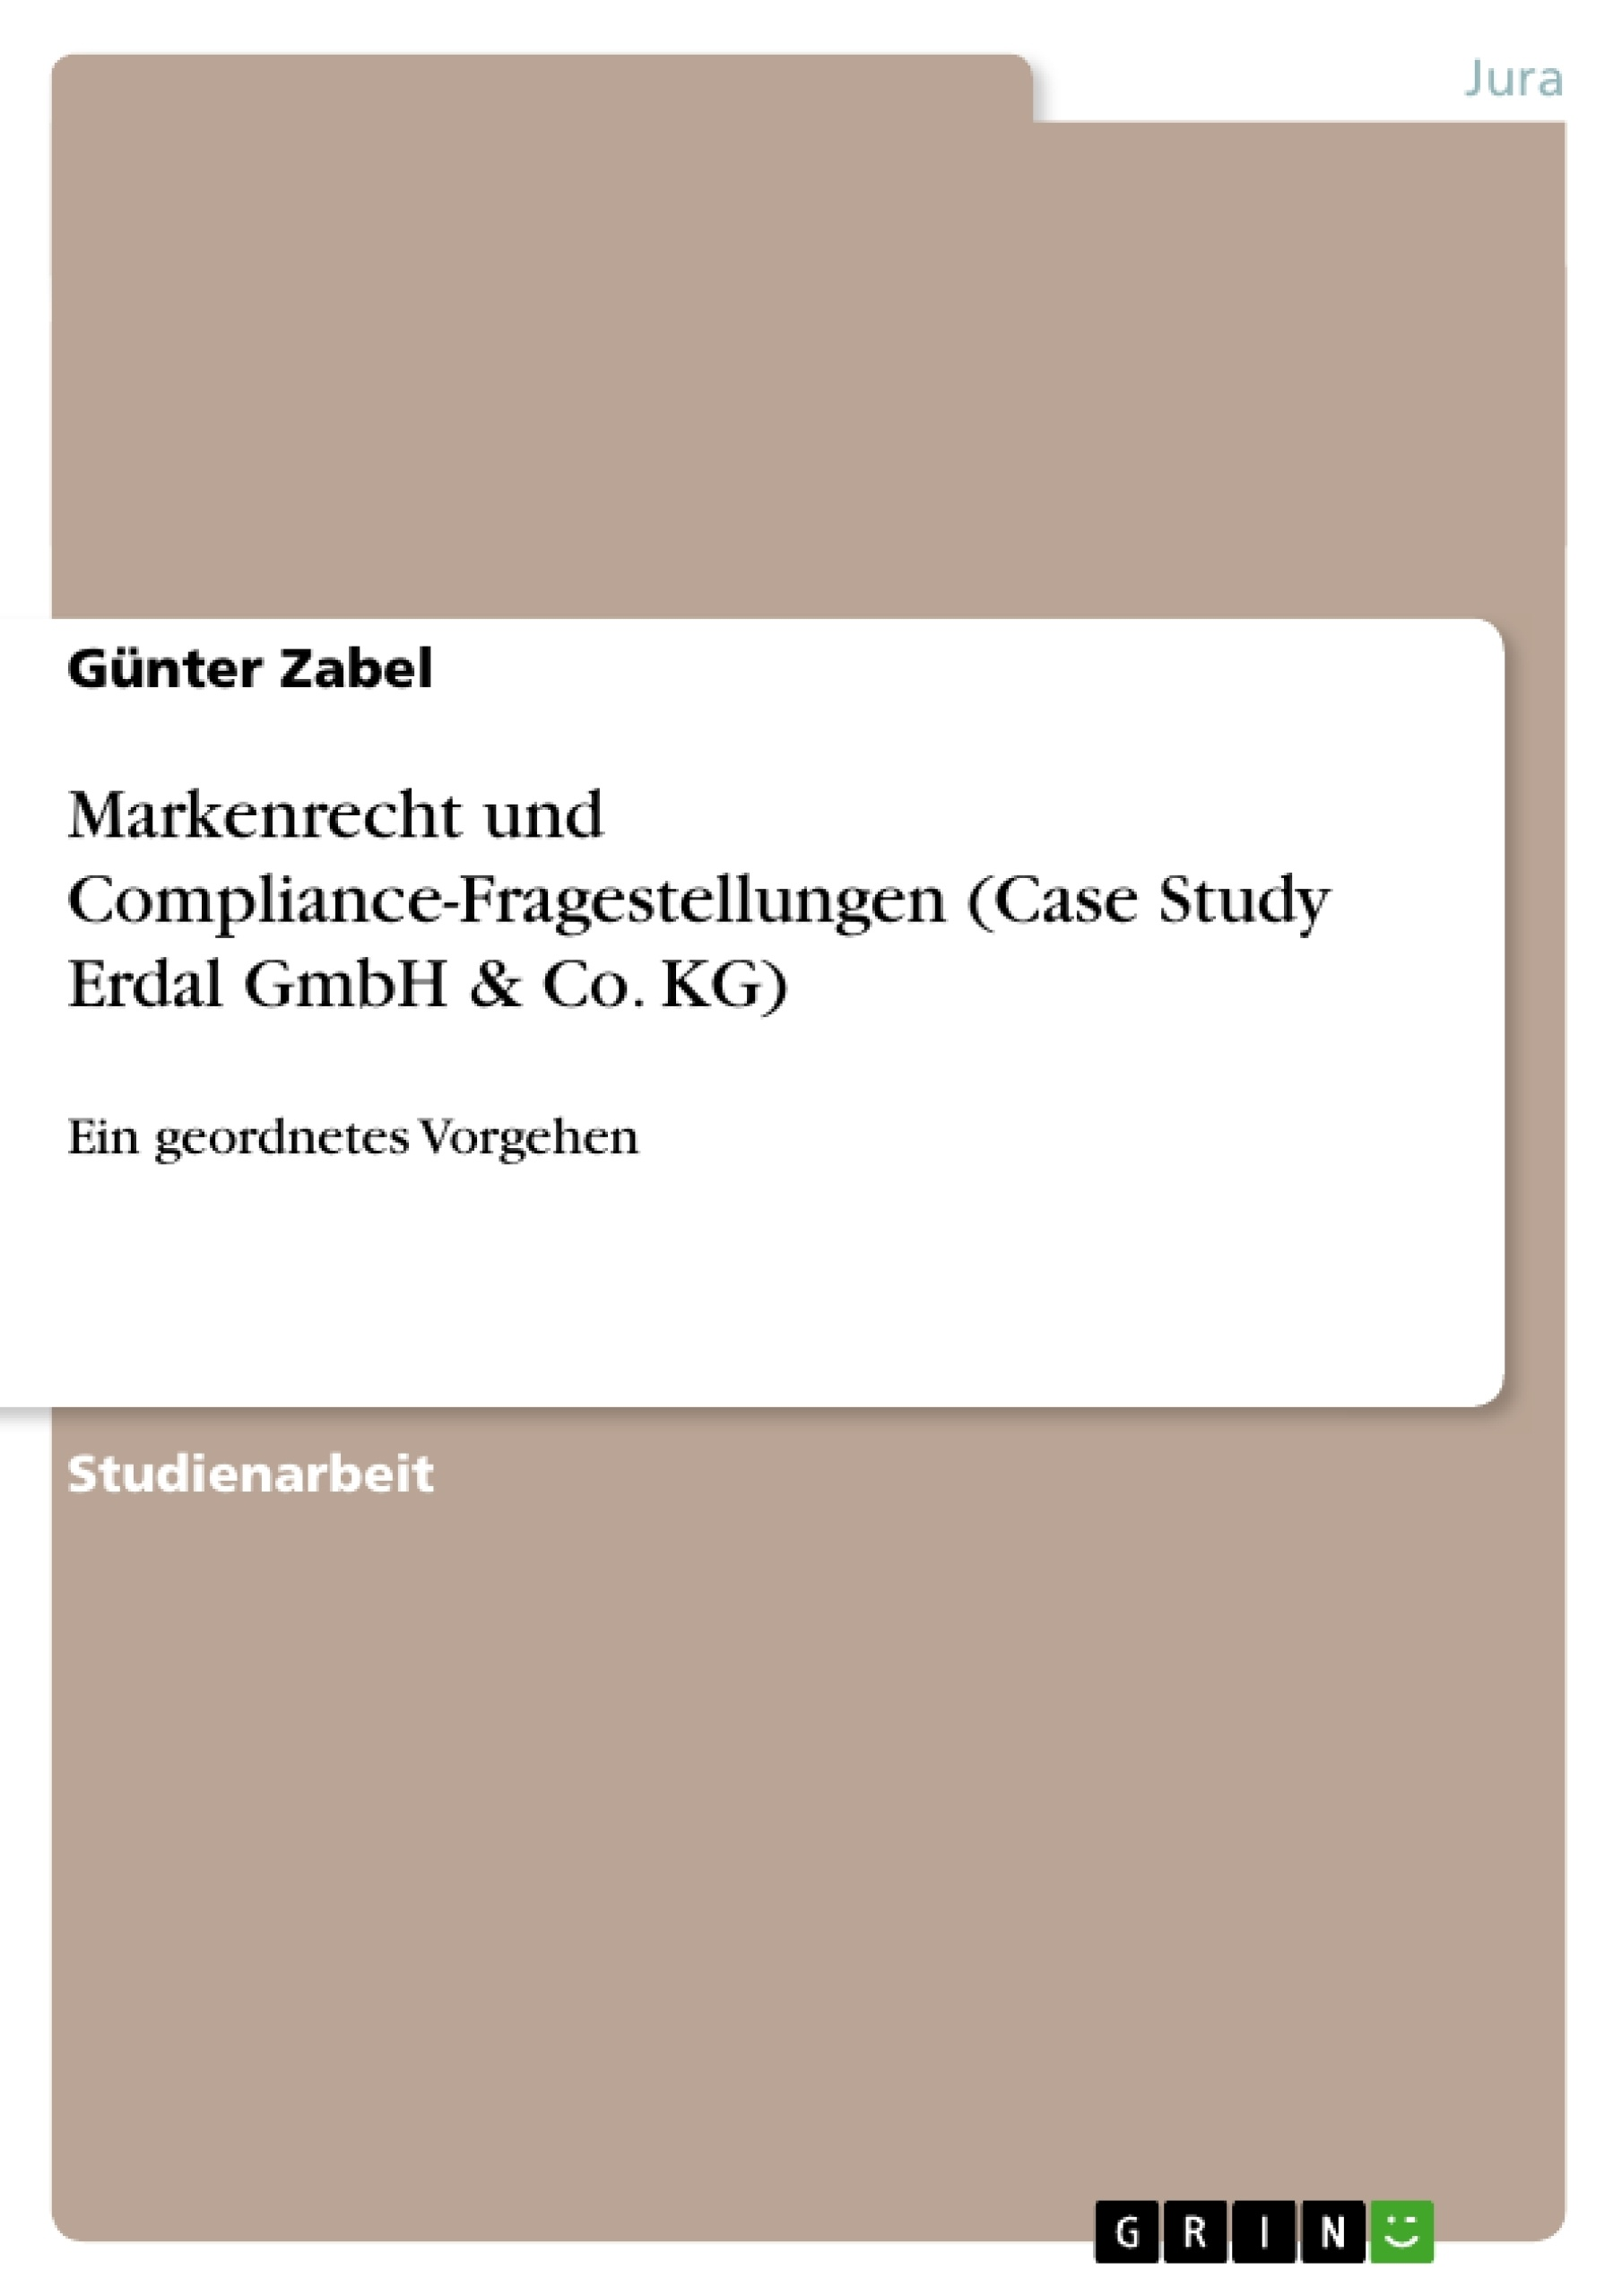 Titel: Markenrecht und Compliance-Fragestellungen (Case Study Erdal GmbH & Co. KG)